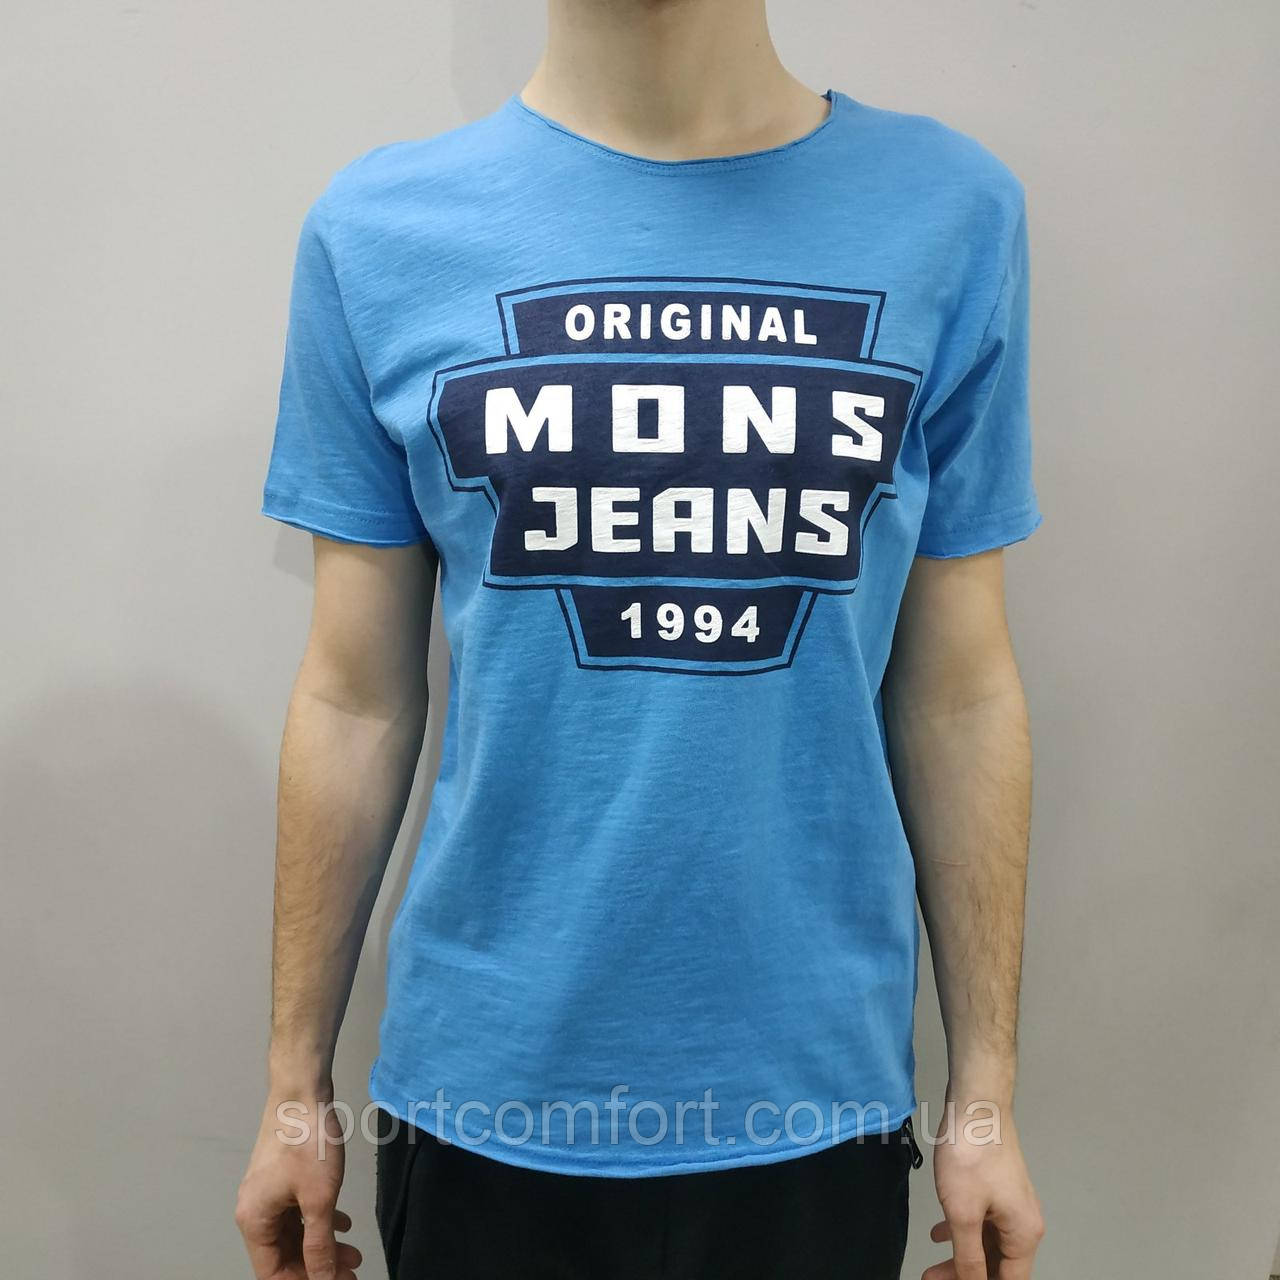 Мужская футболка Mons Jeans голубая, мята, серая, горчица, белая